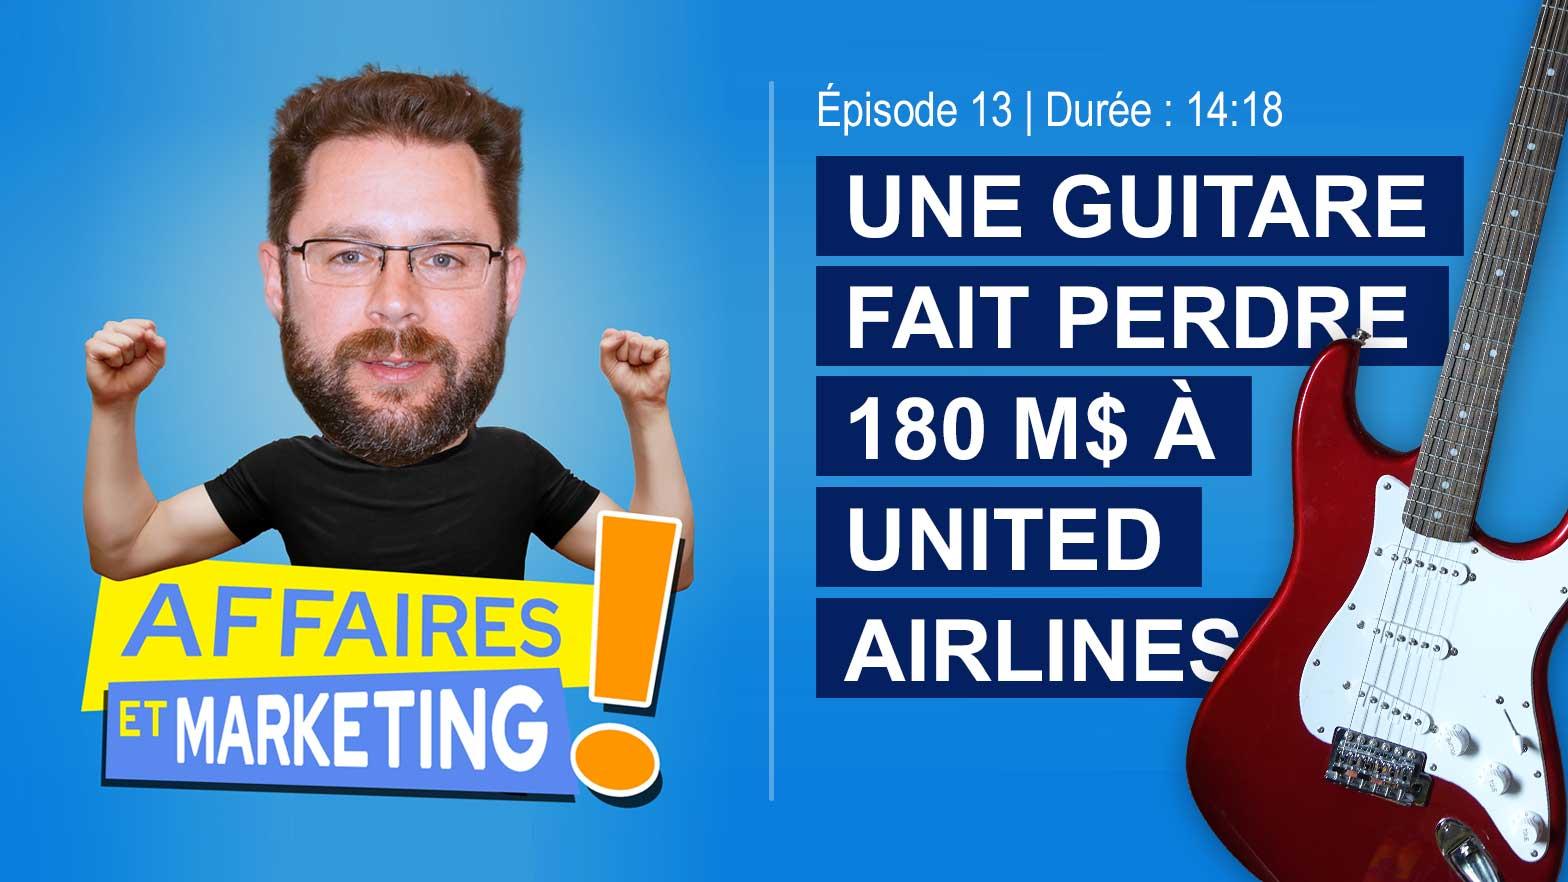 Podcast affaires et marketing - Dave Carroll : Une guitare fait perdre 180 M$ à United Airlines